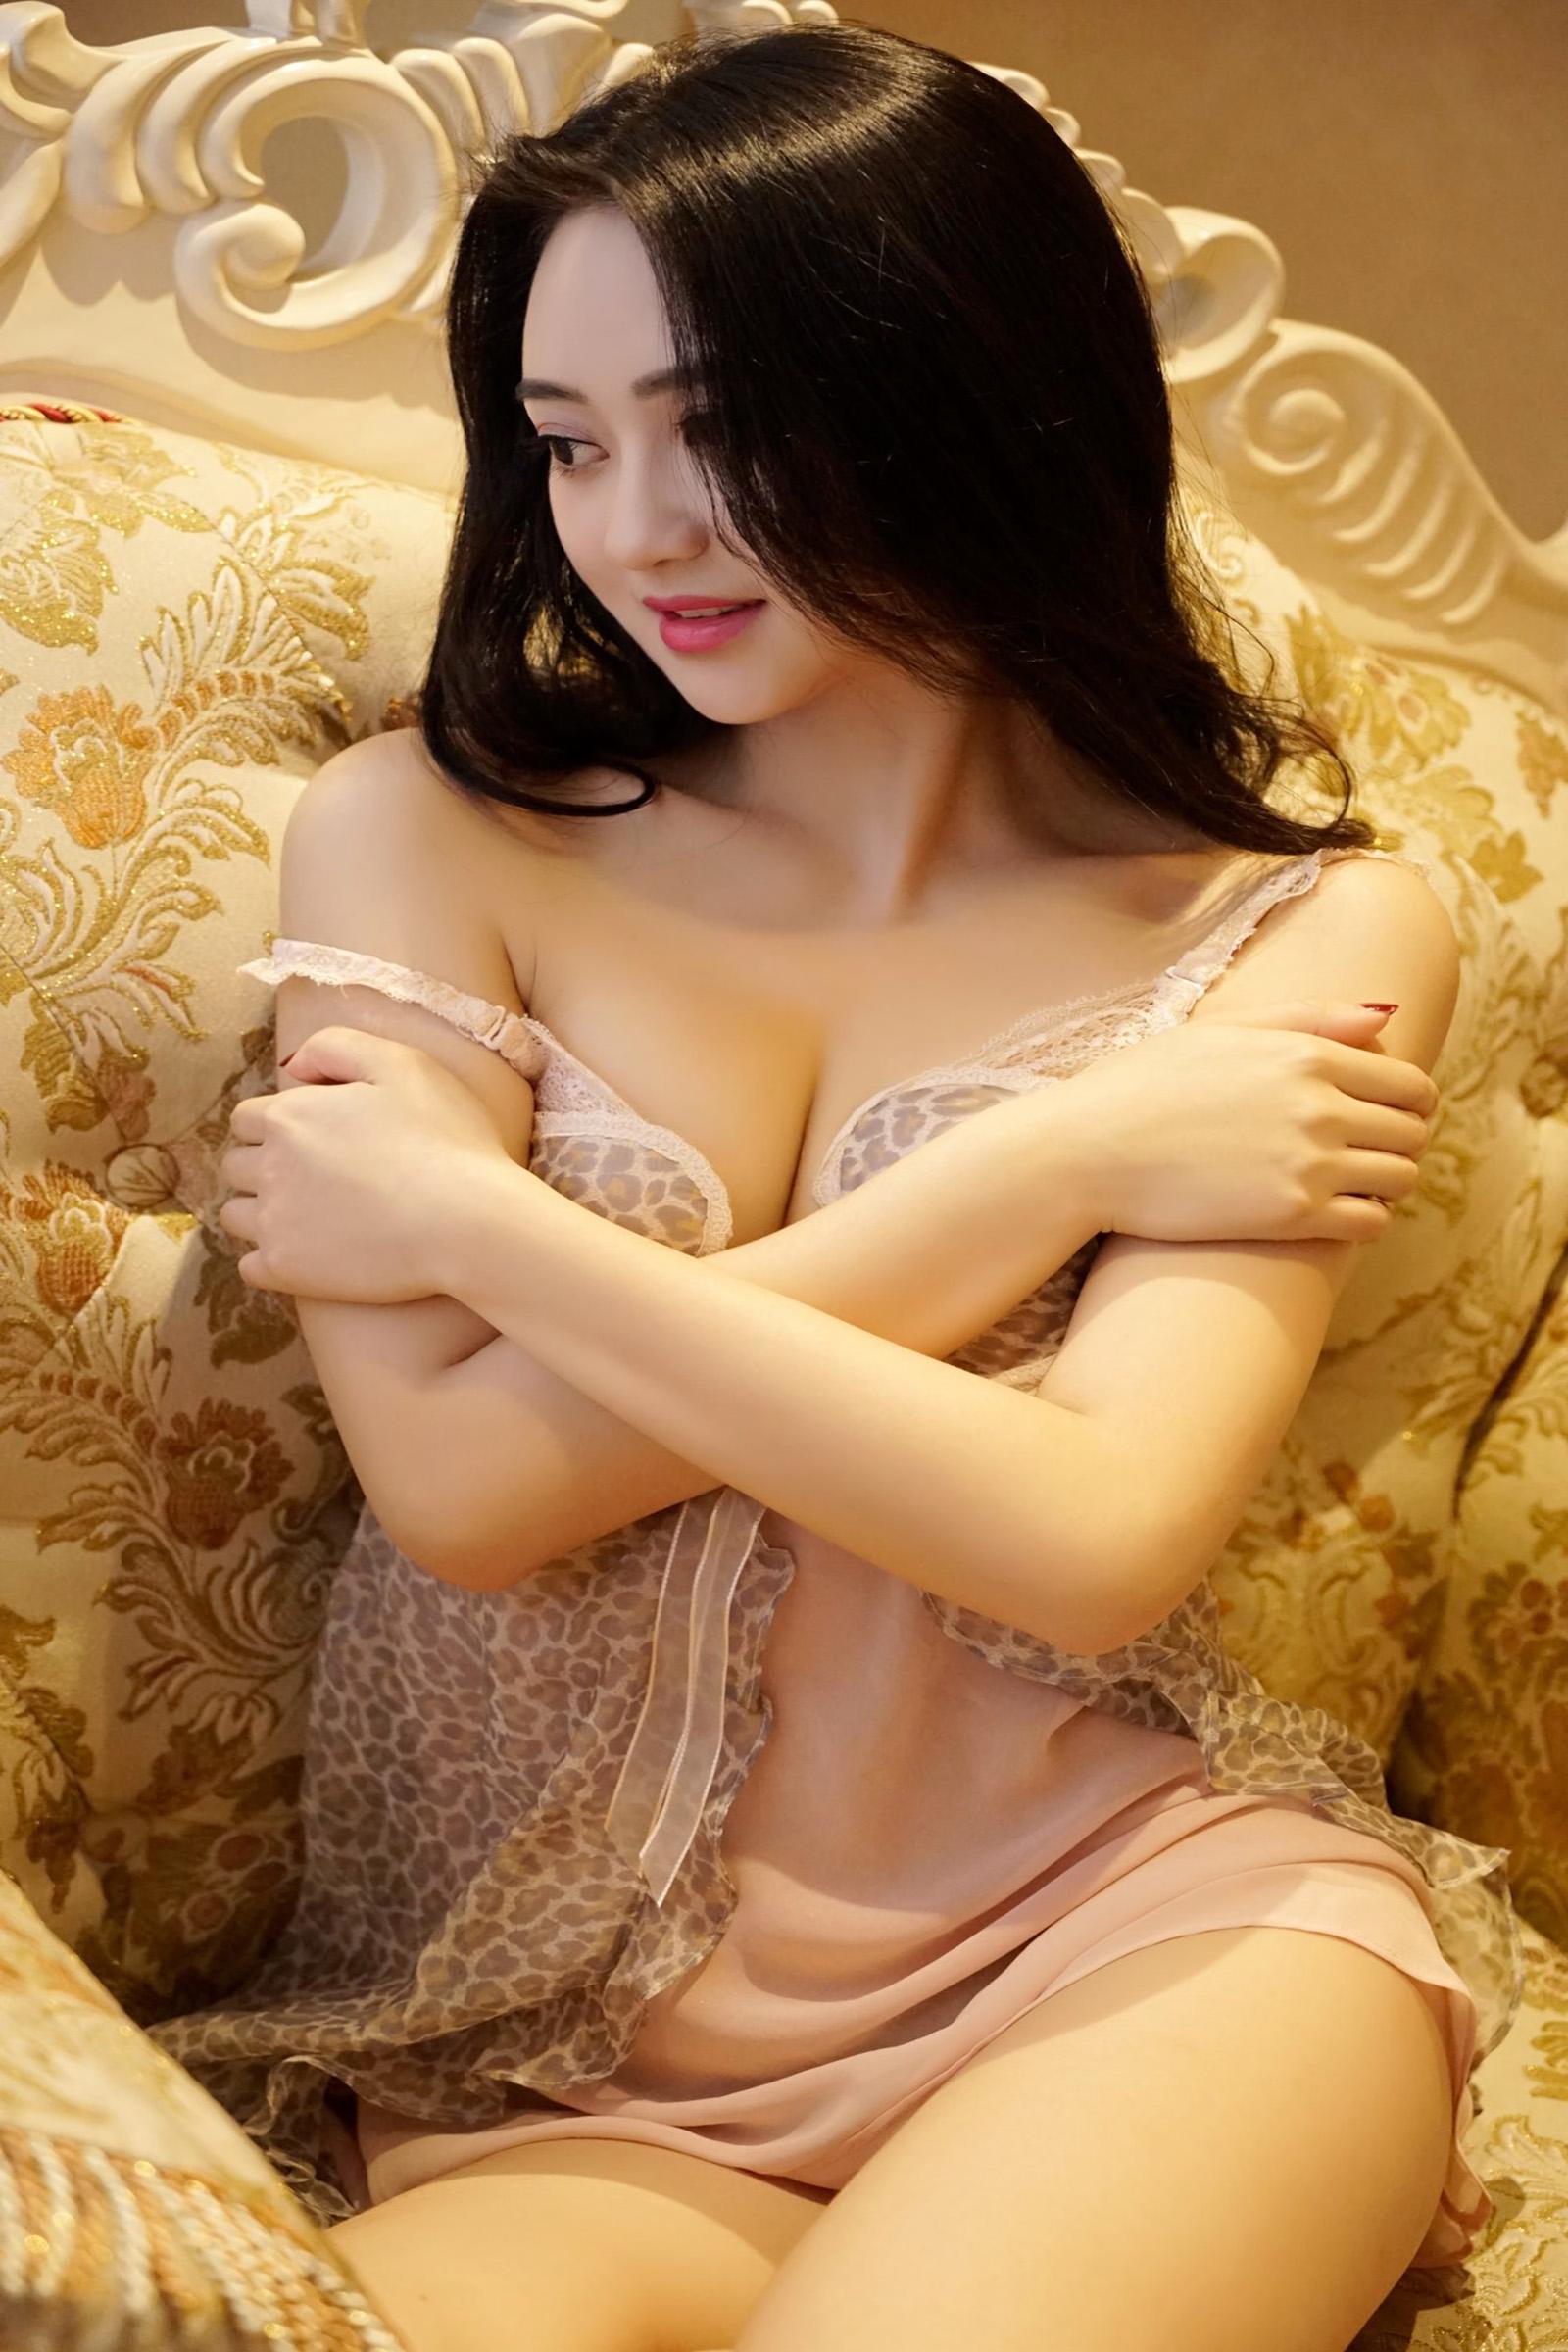 【精典音乐视听篇】超级(蓝光)高清CD《群星-夕阳草原情》(12首) - 浪漫人生 - .